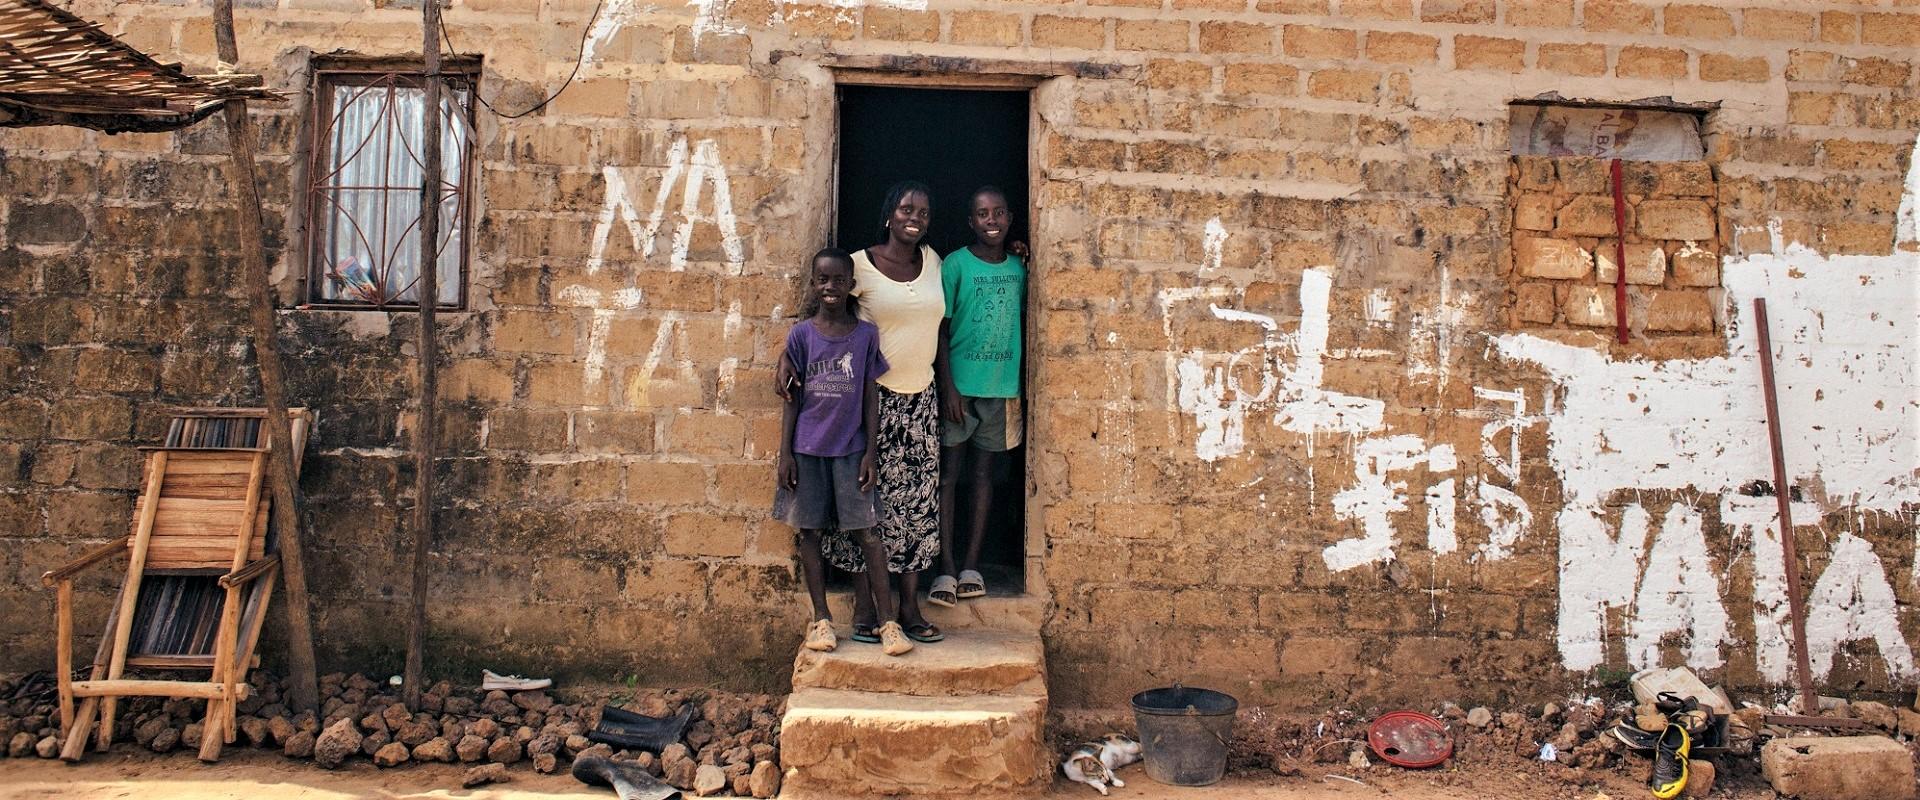 integrazione richiedenti asilo rifugiati senegalesi_prog 2379_cover